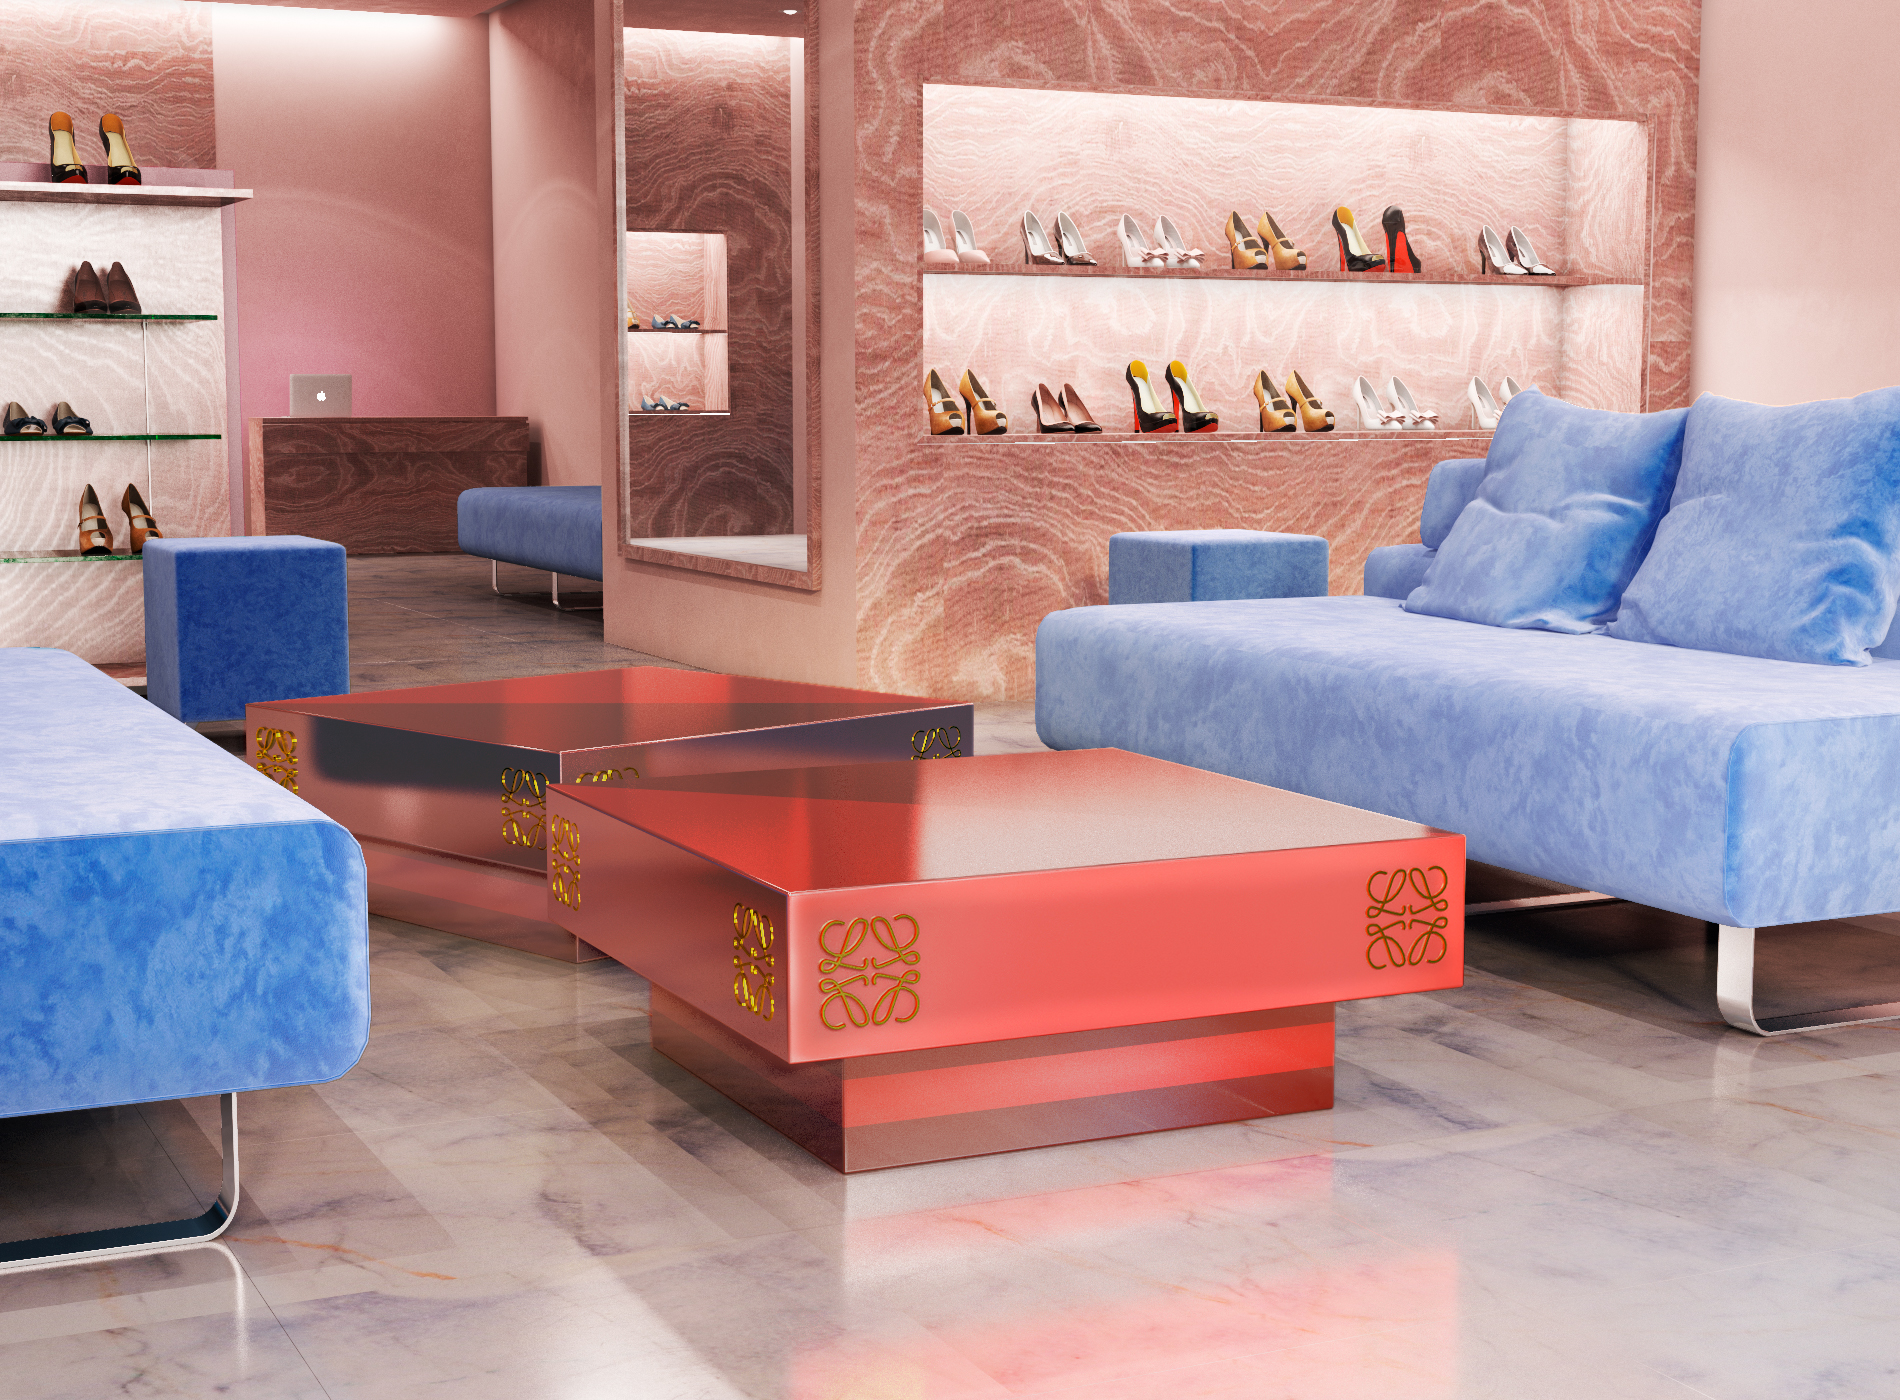 Loewe Table Retail Setting.jpg